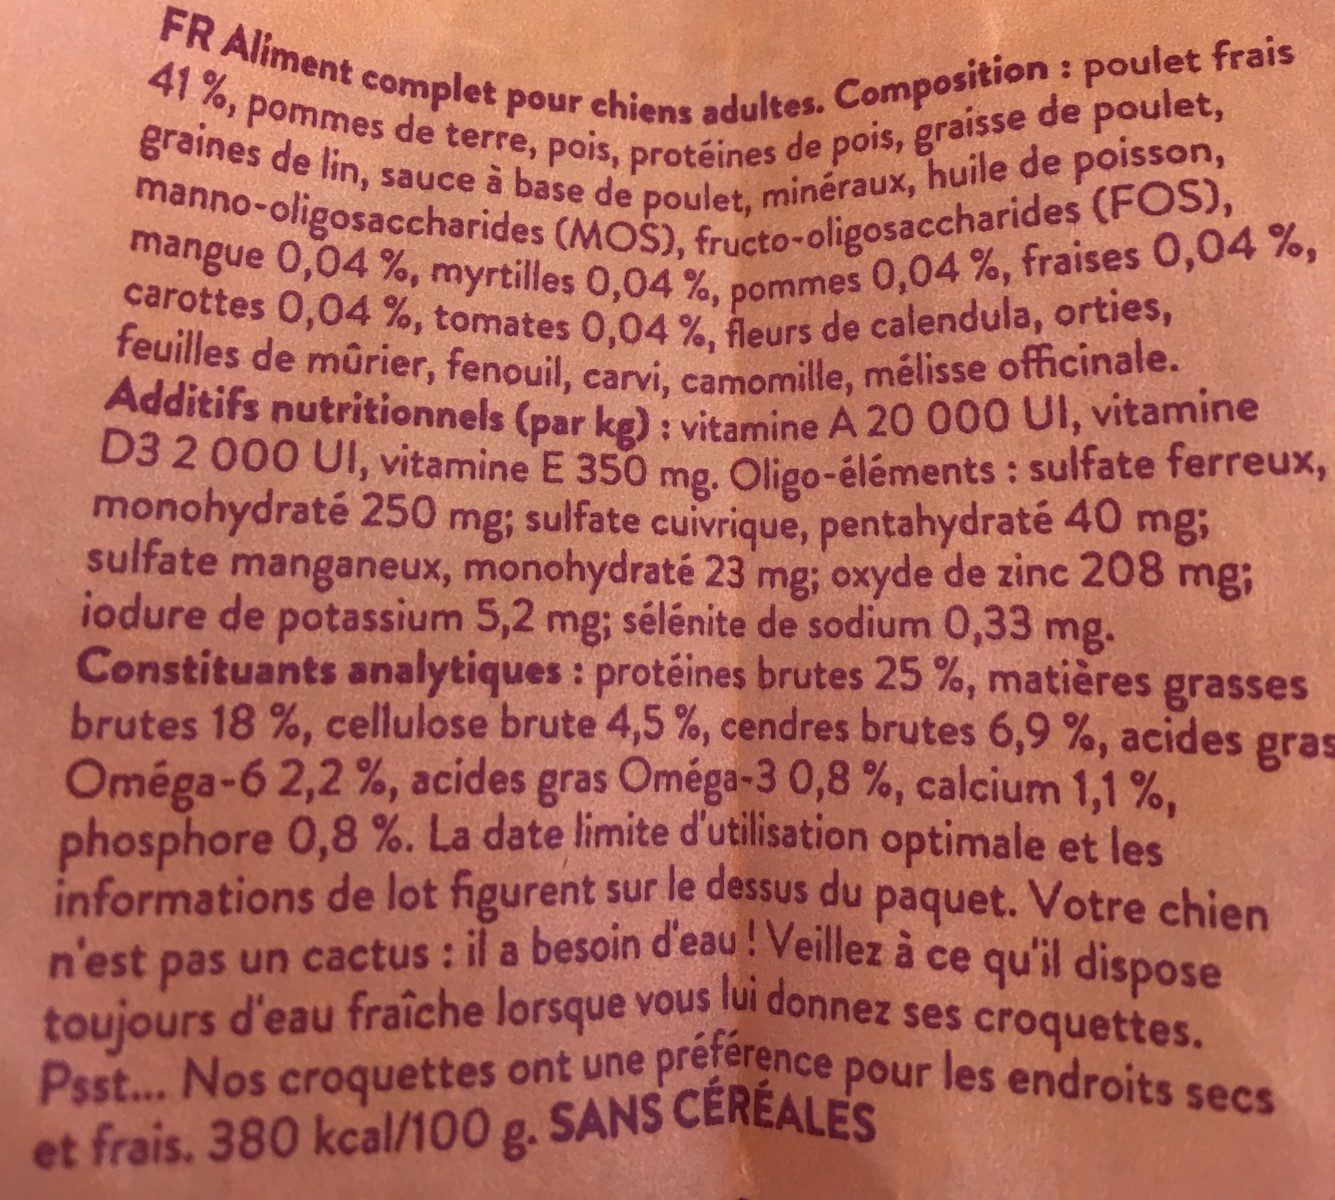 Croquettes pour chiens - Ingrédients - fr